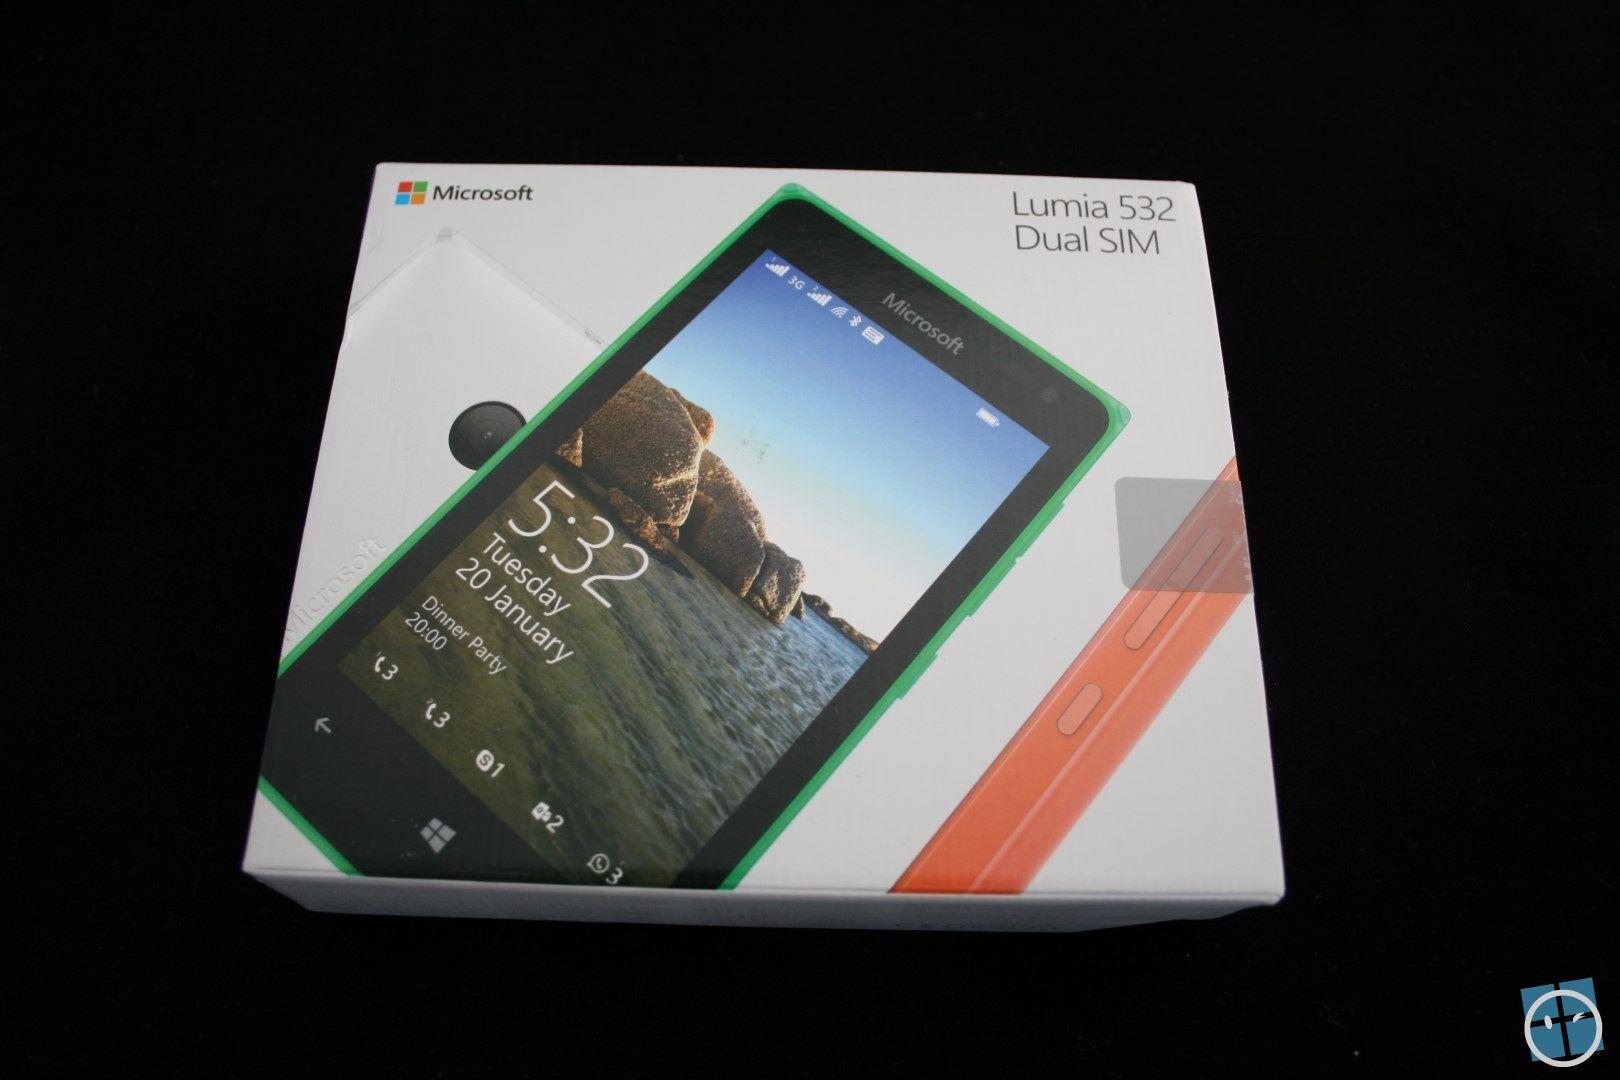 Test Du Microsoft Lumia 532 Sous Windows Phone 81 Nokia 4